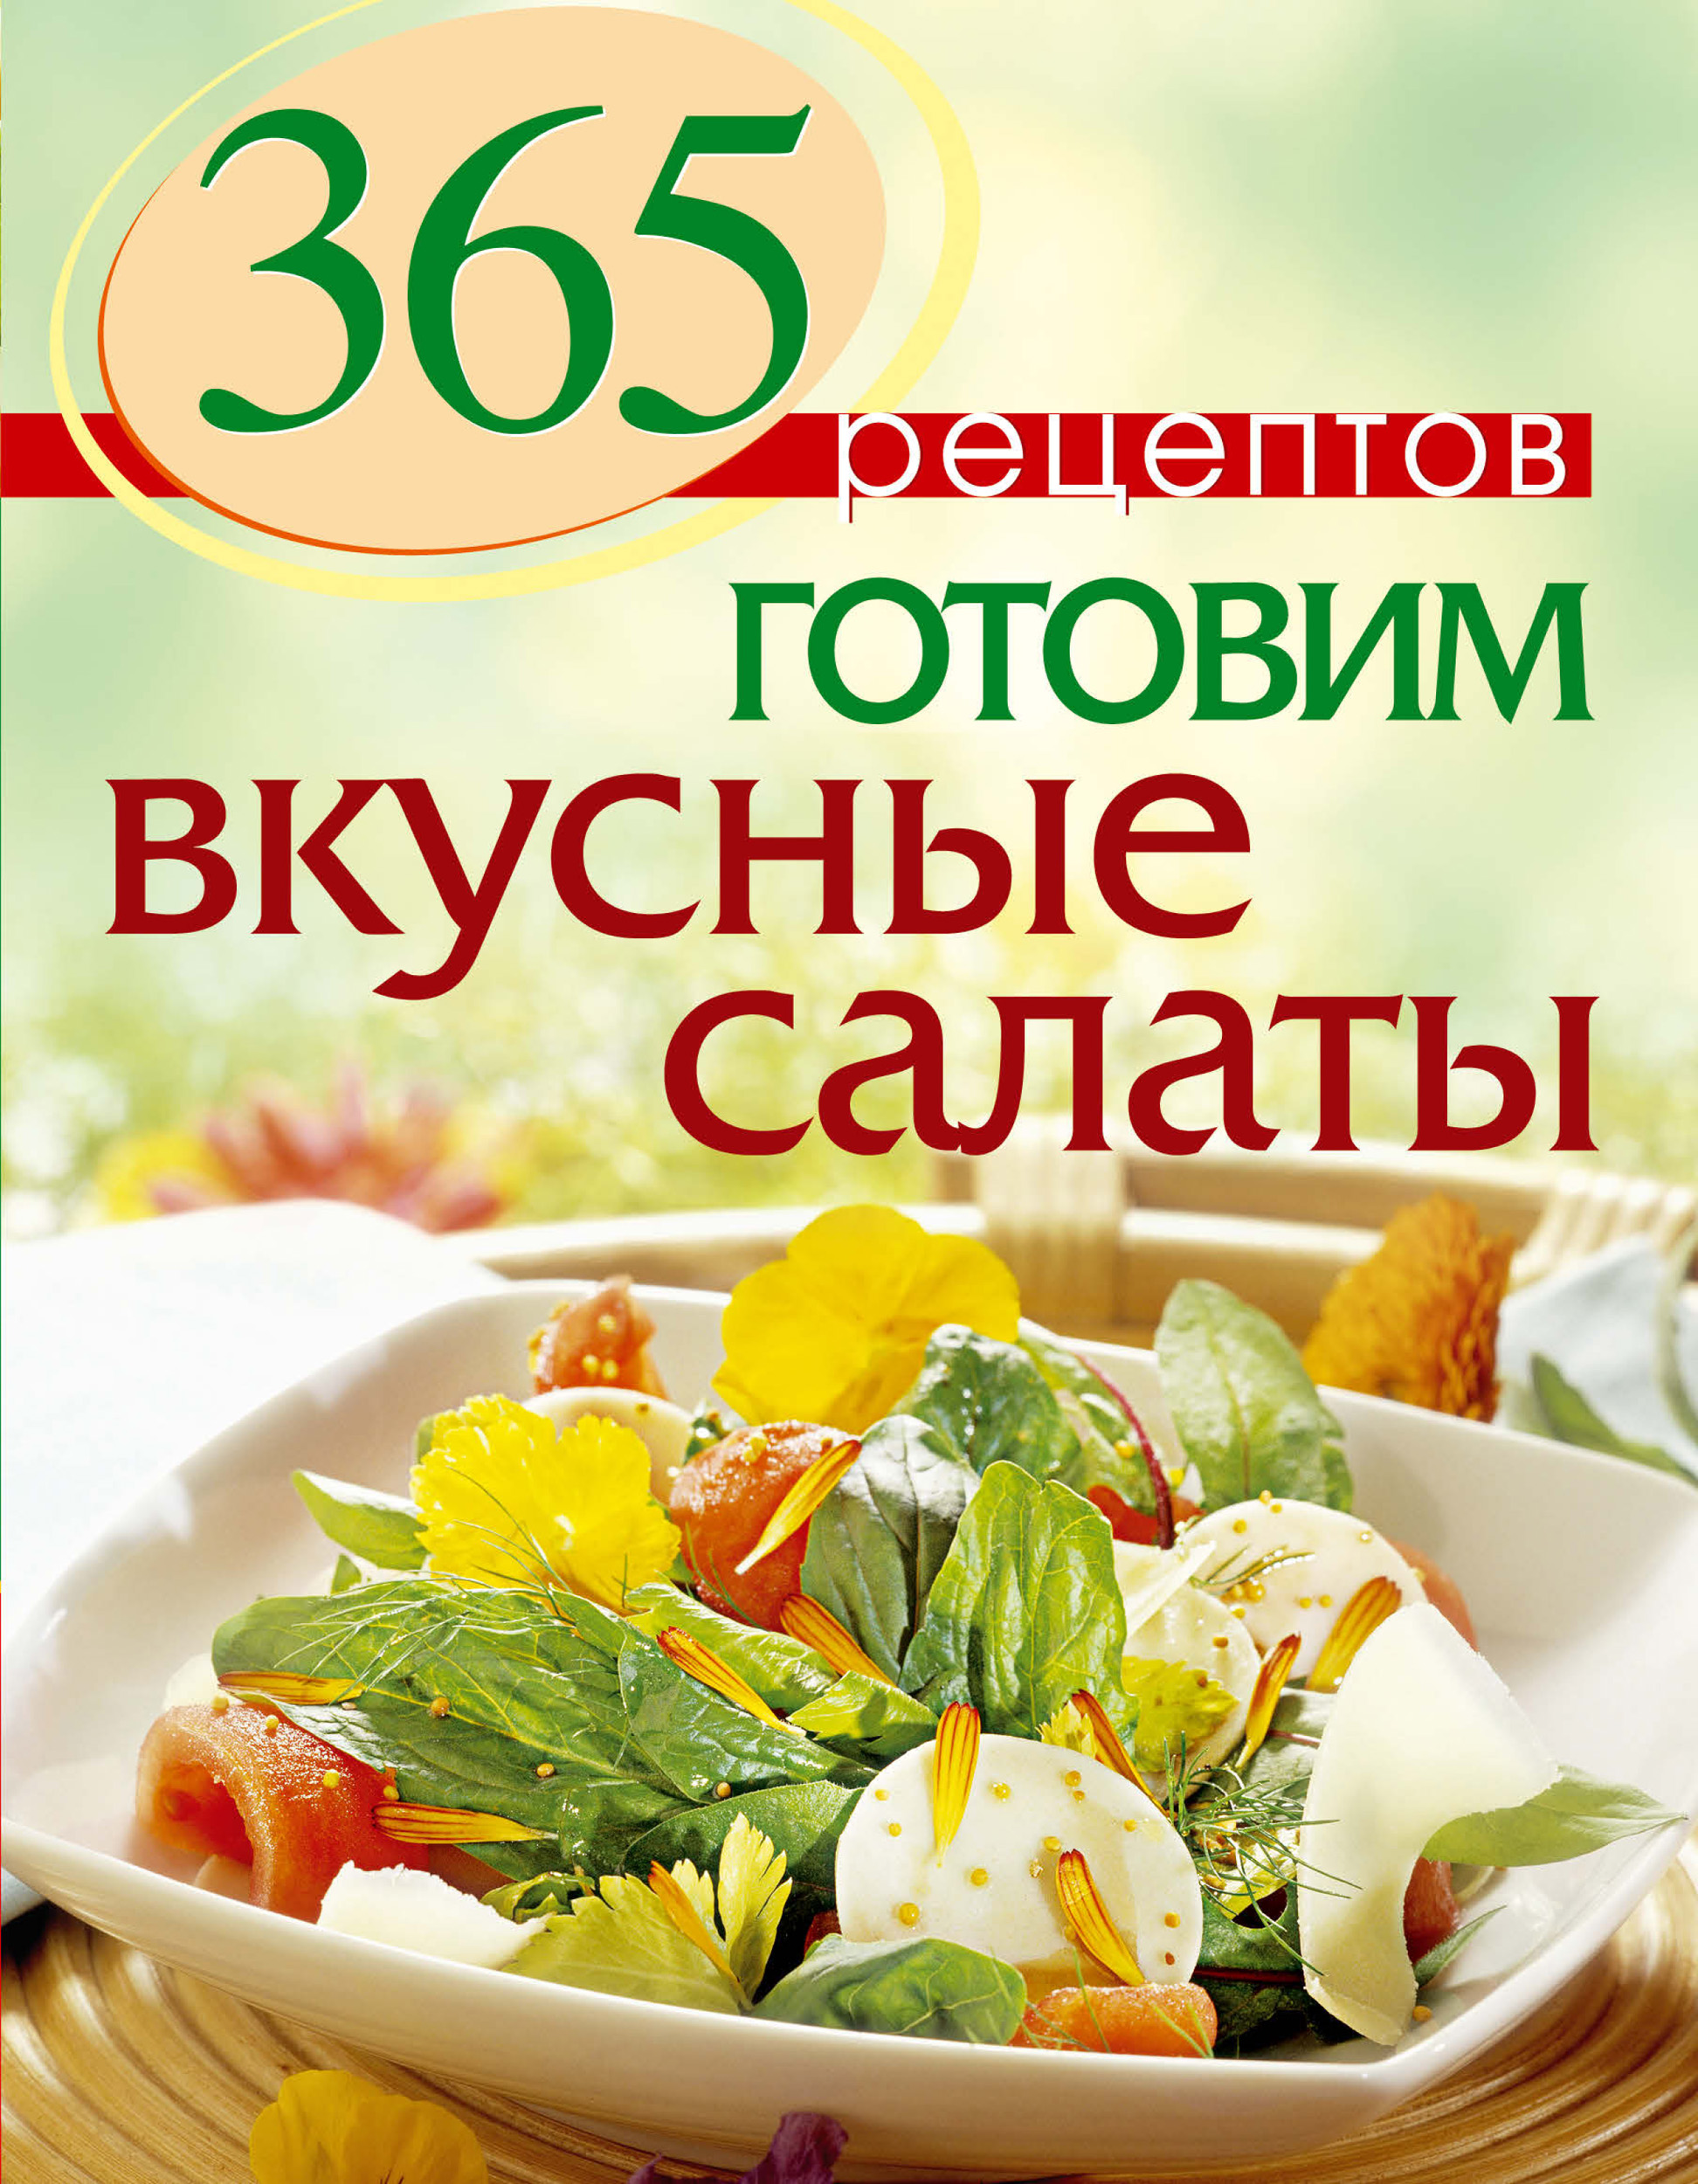 Отсутствует 365 рецептов. Готовим вкусные салаты отсутствует 50 рецептов свежие салаты